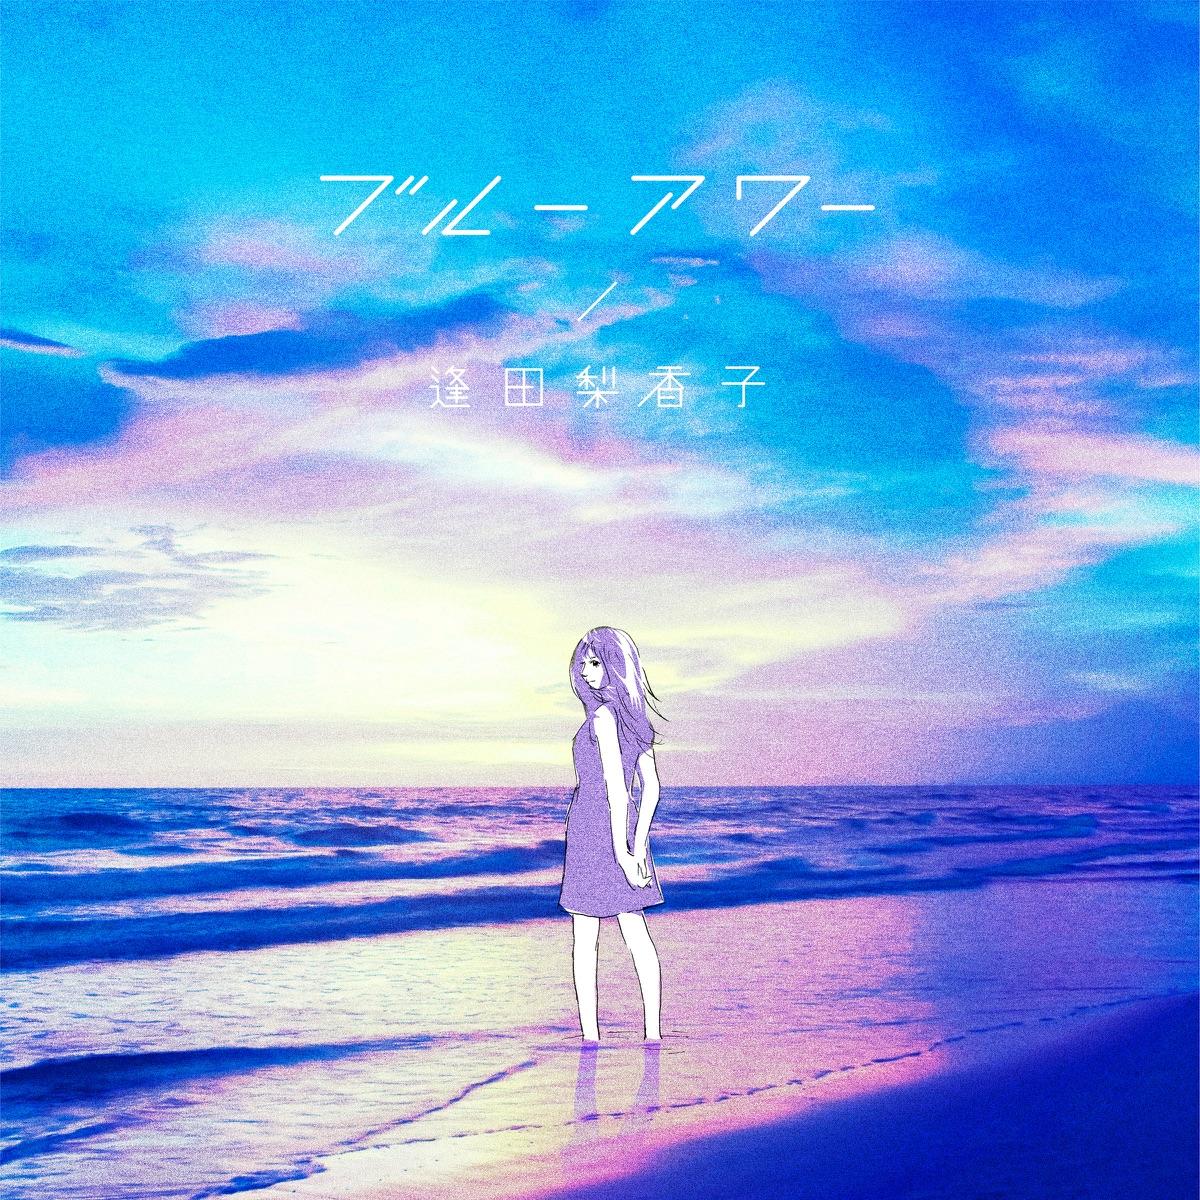 『逢田梨香子 - ブルーアワー 歌詞』収録の『ブルーアワー』ジャケット